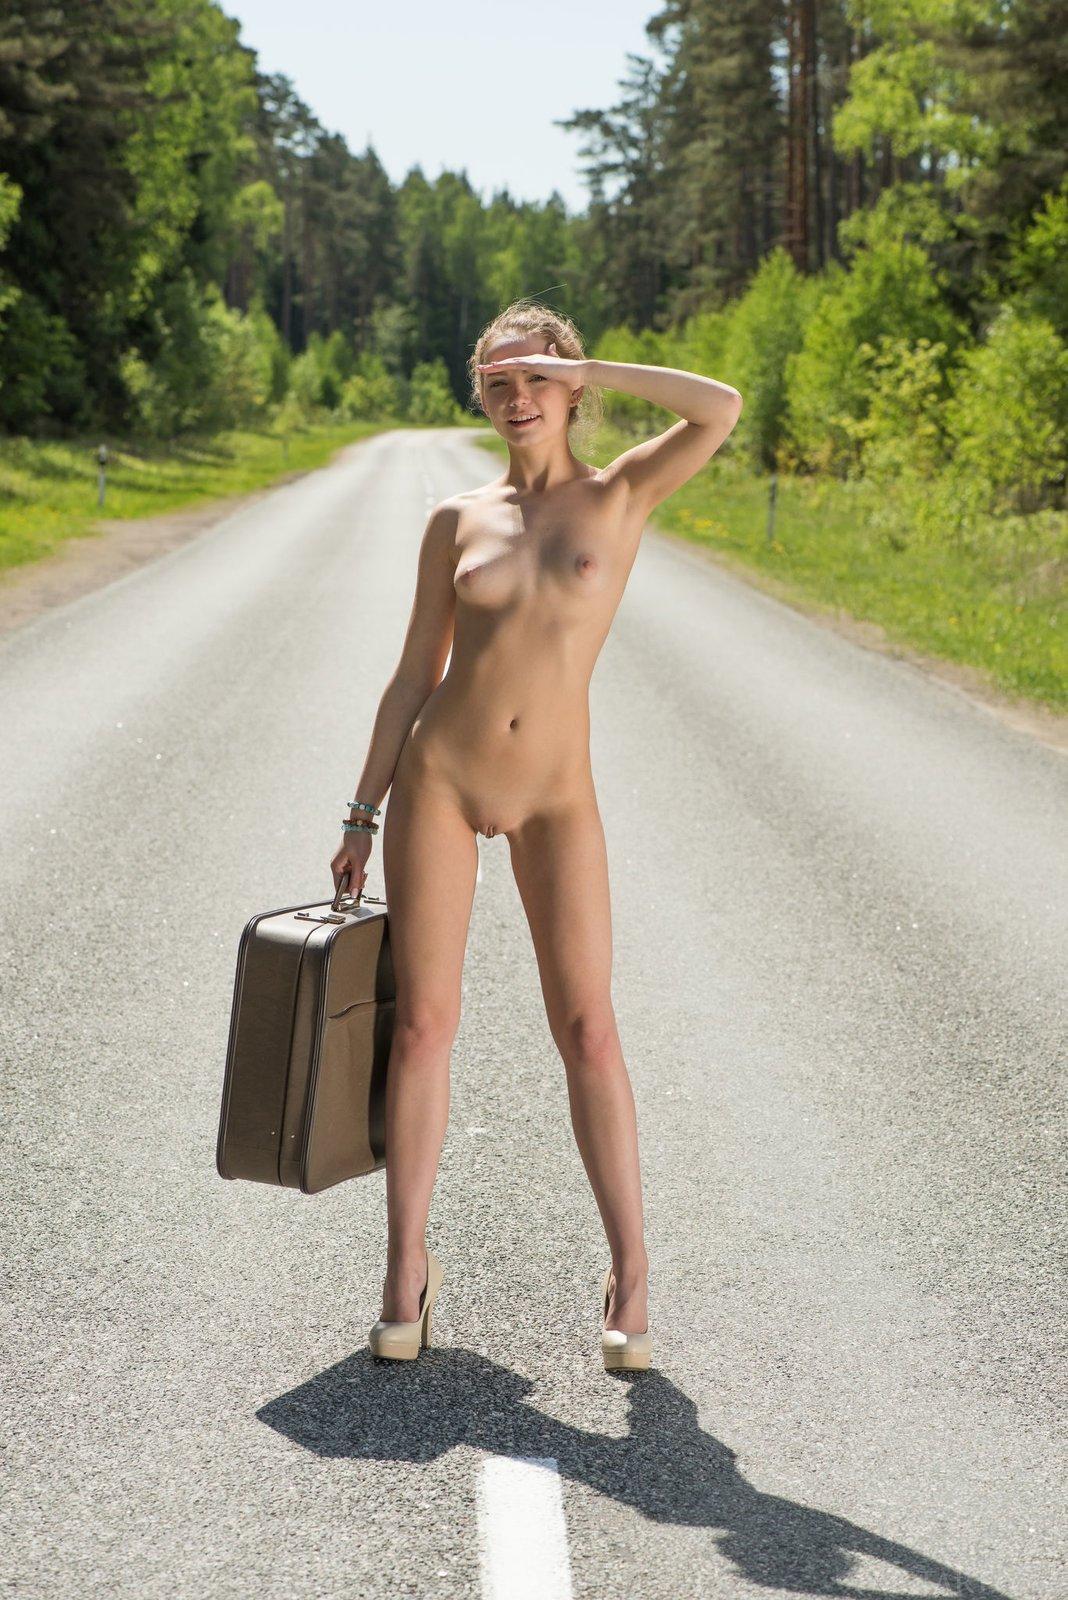 Стройняшка в трусах улыбаясь сняла одежду на трассе